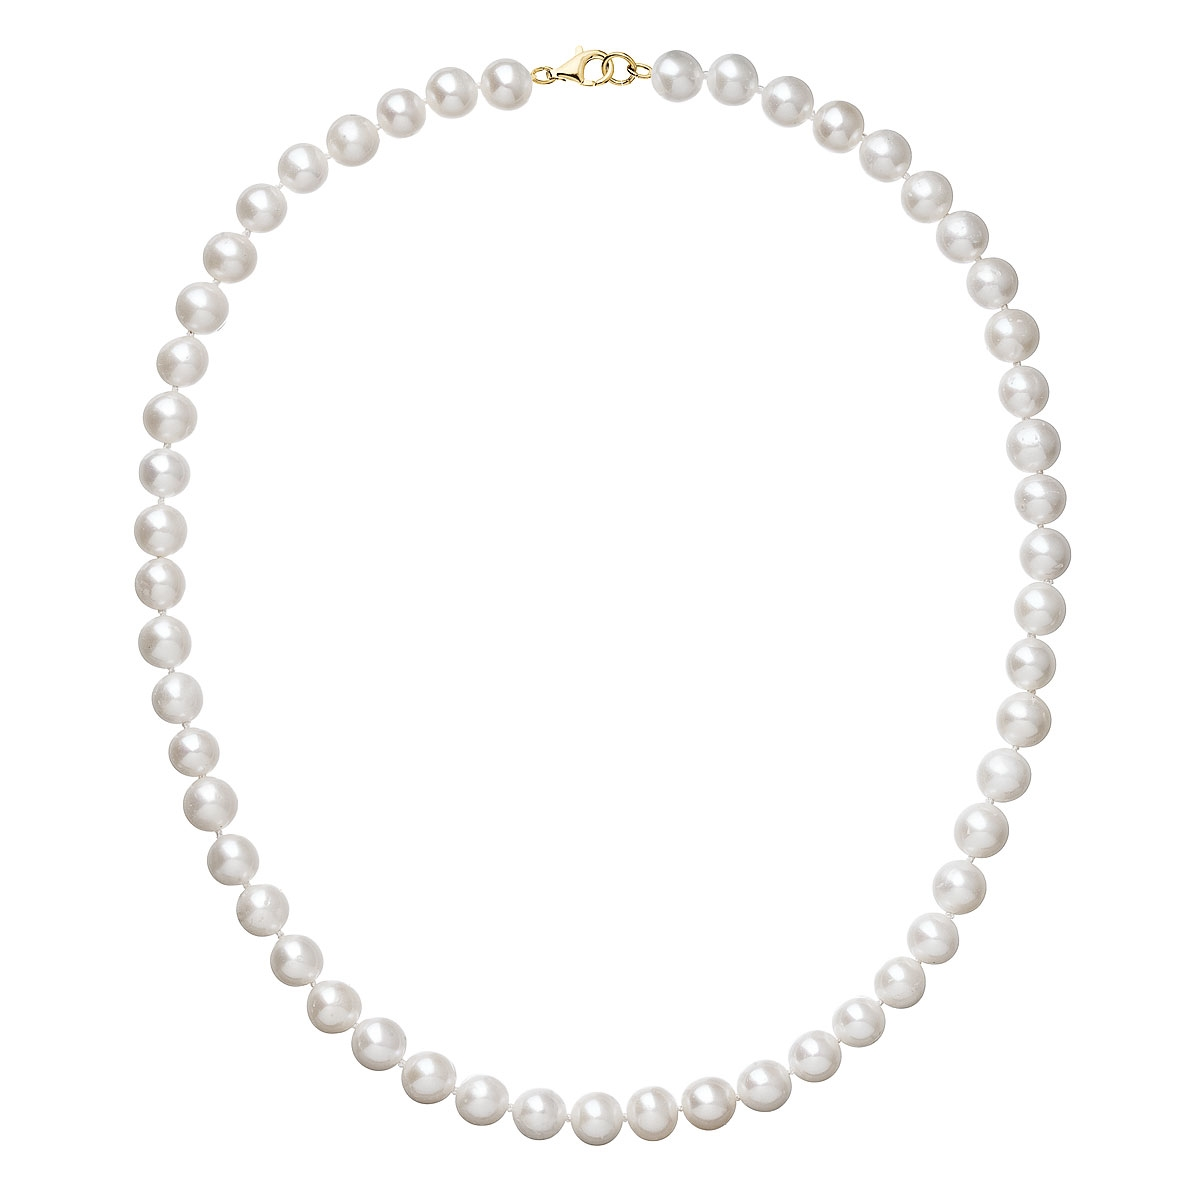 Perlový náhrdelník biely z pravých riečnych perál so zlatým 14 karátovým zapínaním